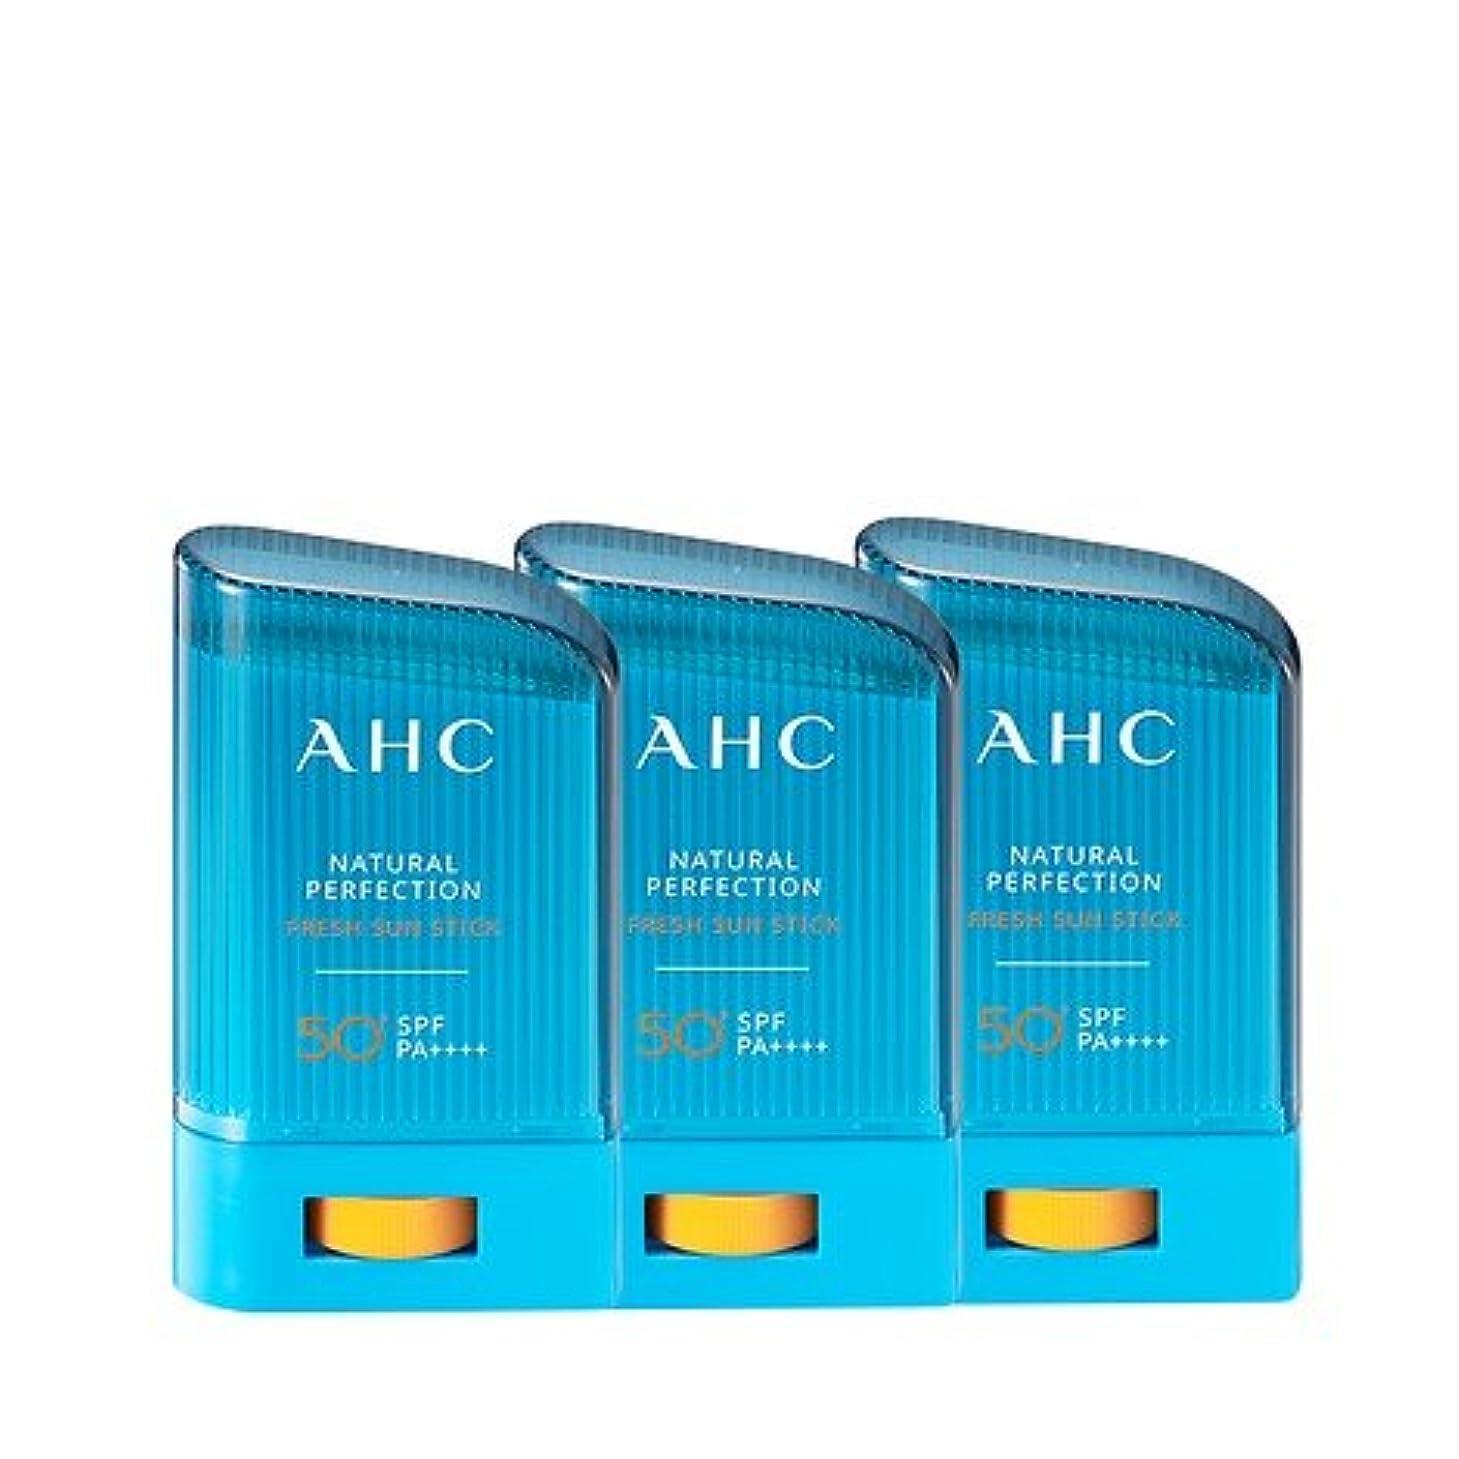 残忍なベルベット国歌AHC Natural perfection fresh sun stick 14g× 3個 ナチュラルパーフェクション フレッシュサンスティック [並行輸入品]